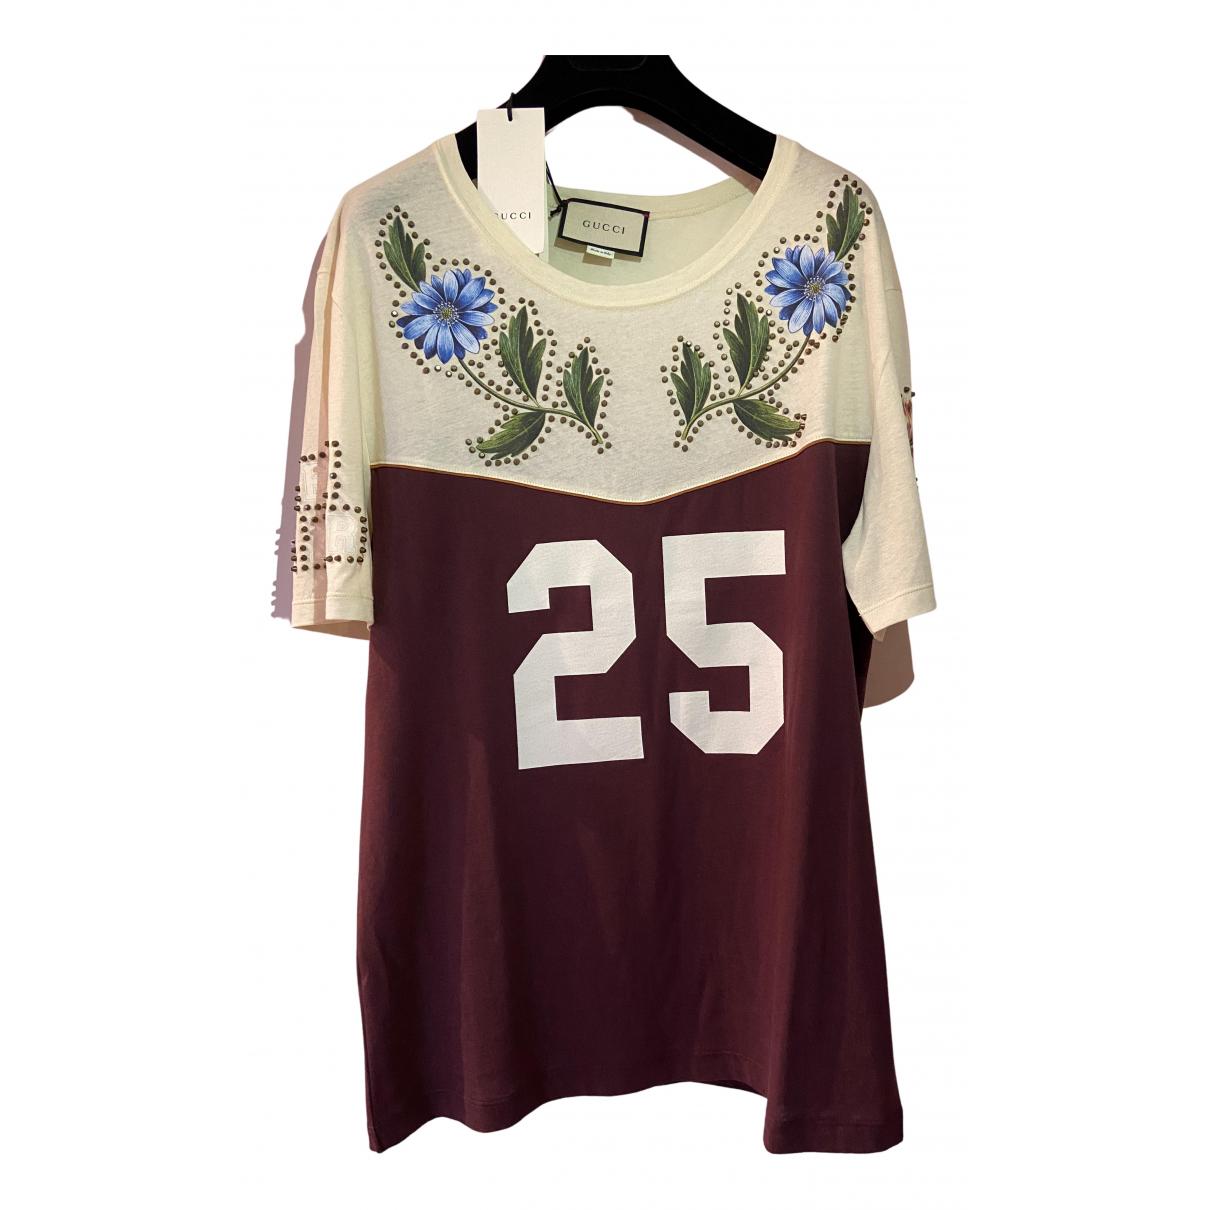 Gucci - Tee shirts   pour homme en coton - multicolore